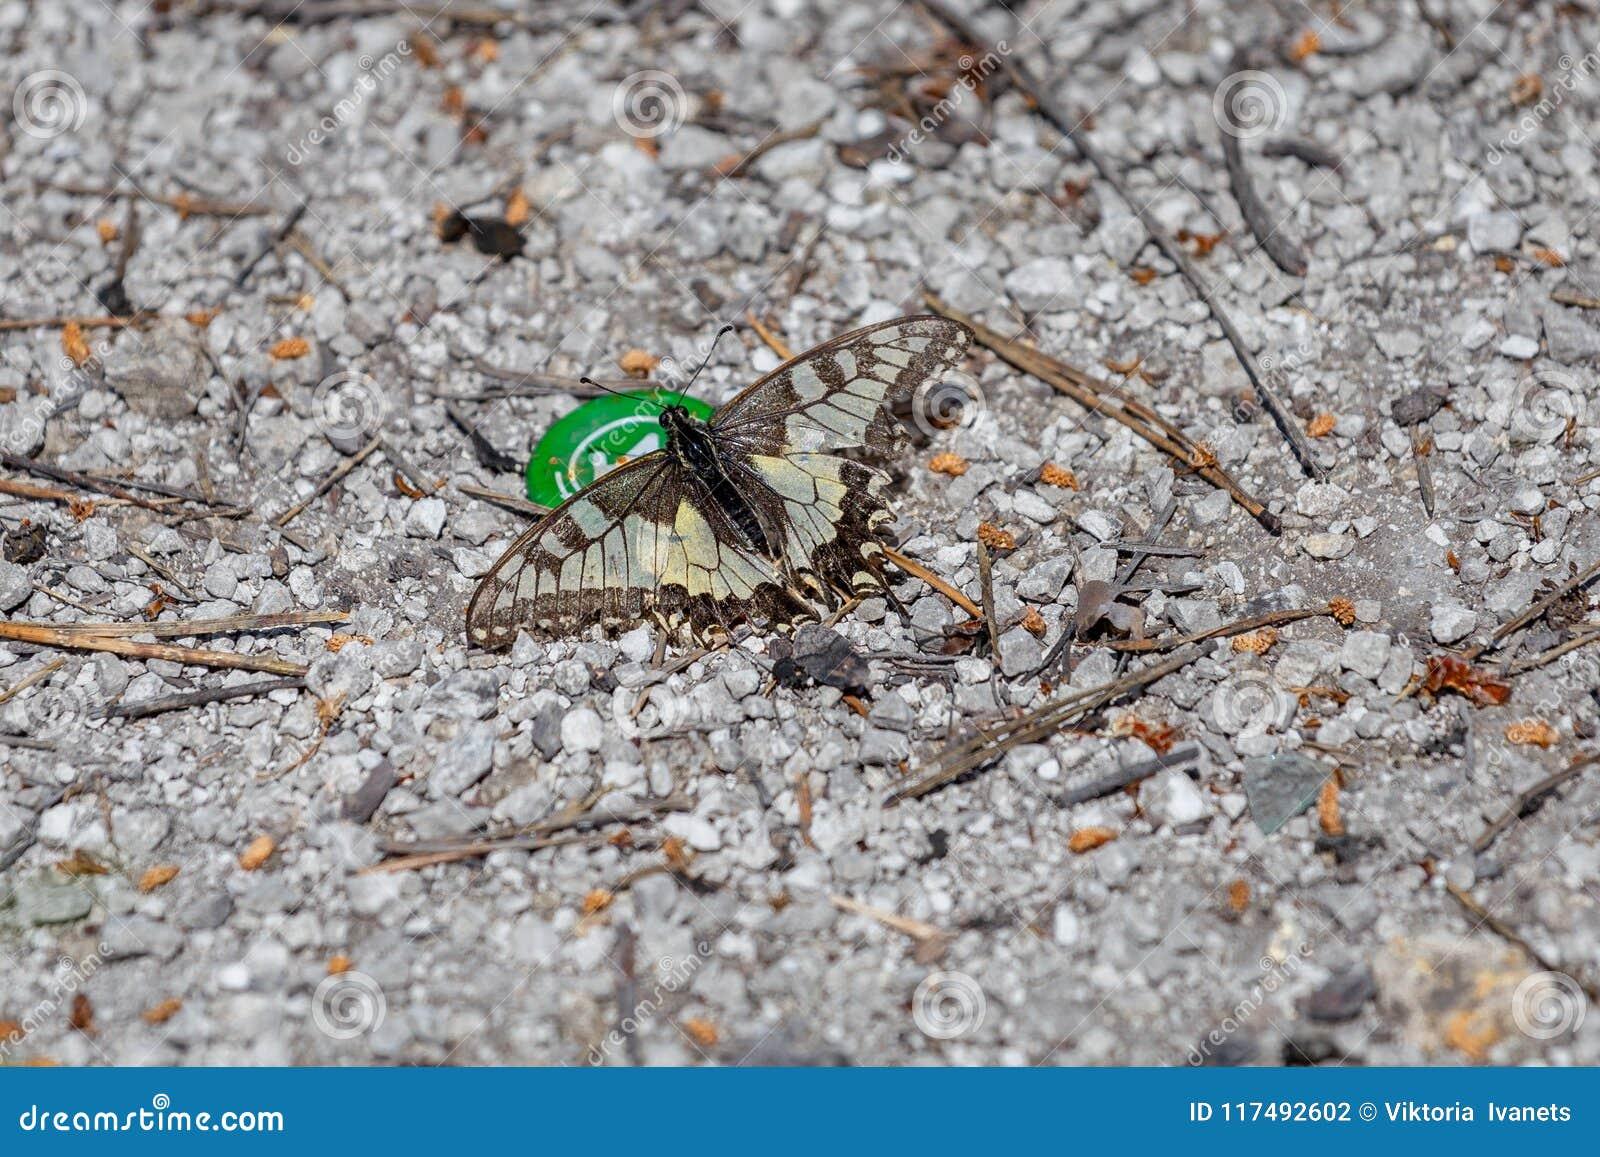 Le machaon de Papilio de papillon de machaon de Vieux Monde était perché sur la fleur jaune avec le fond brouillé